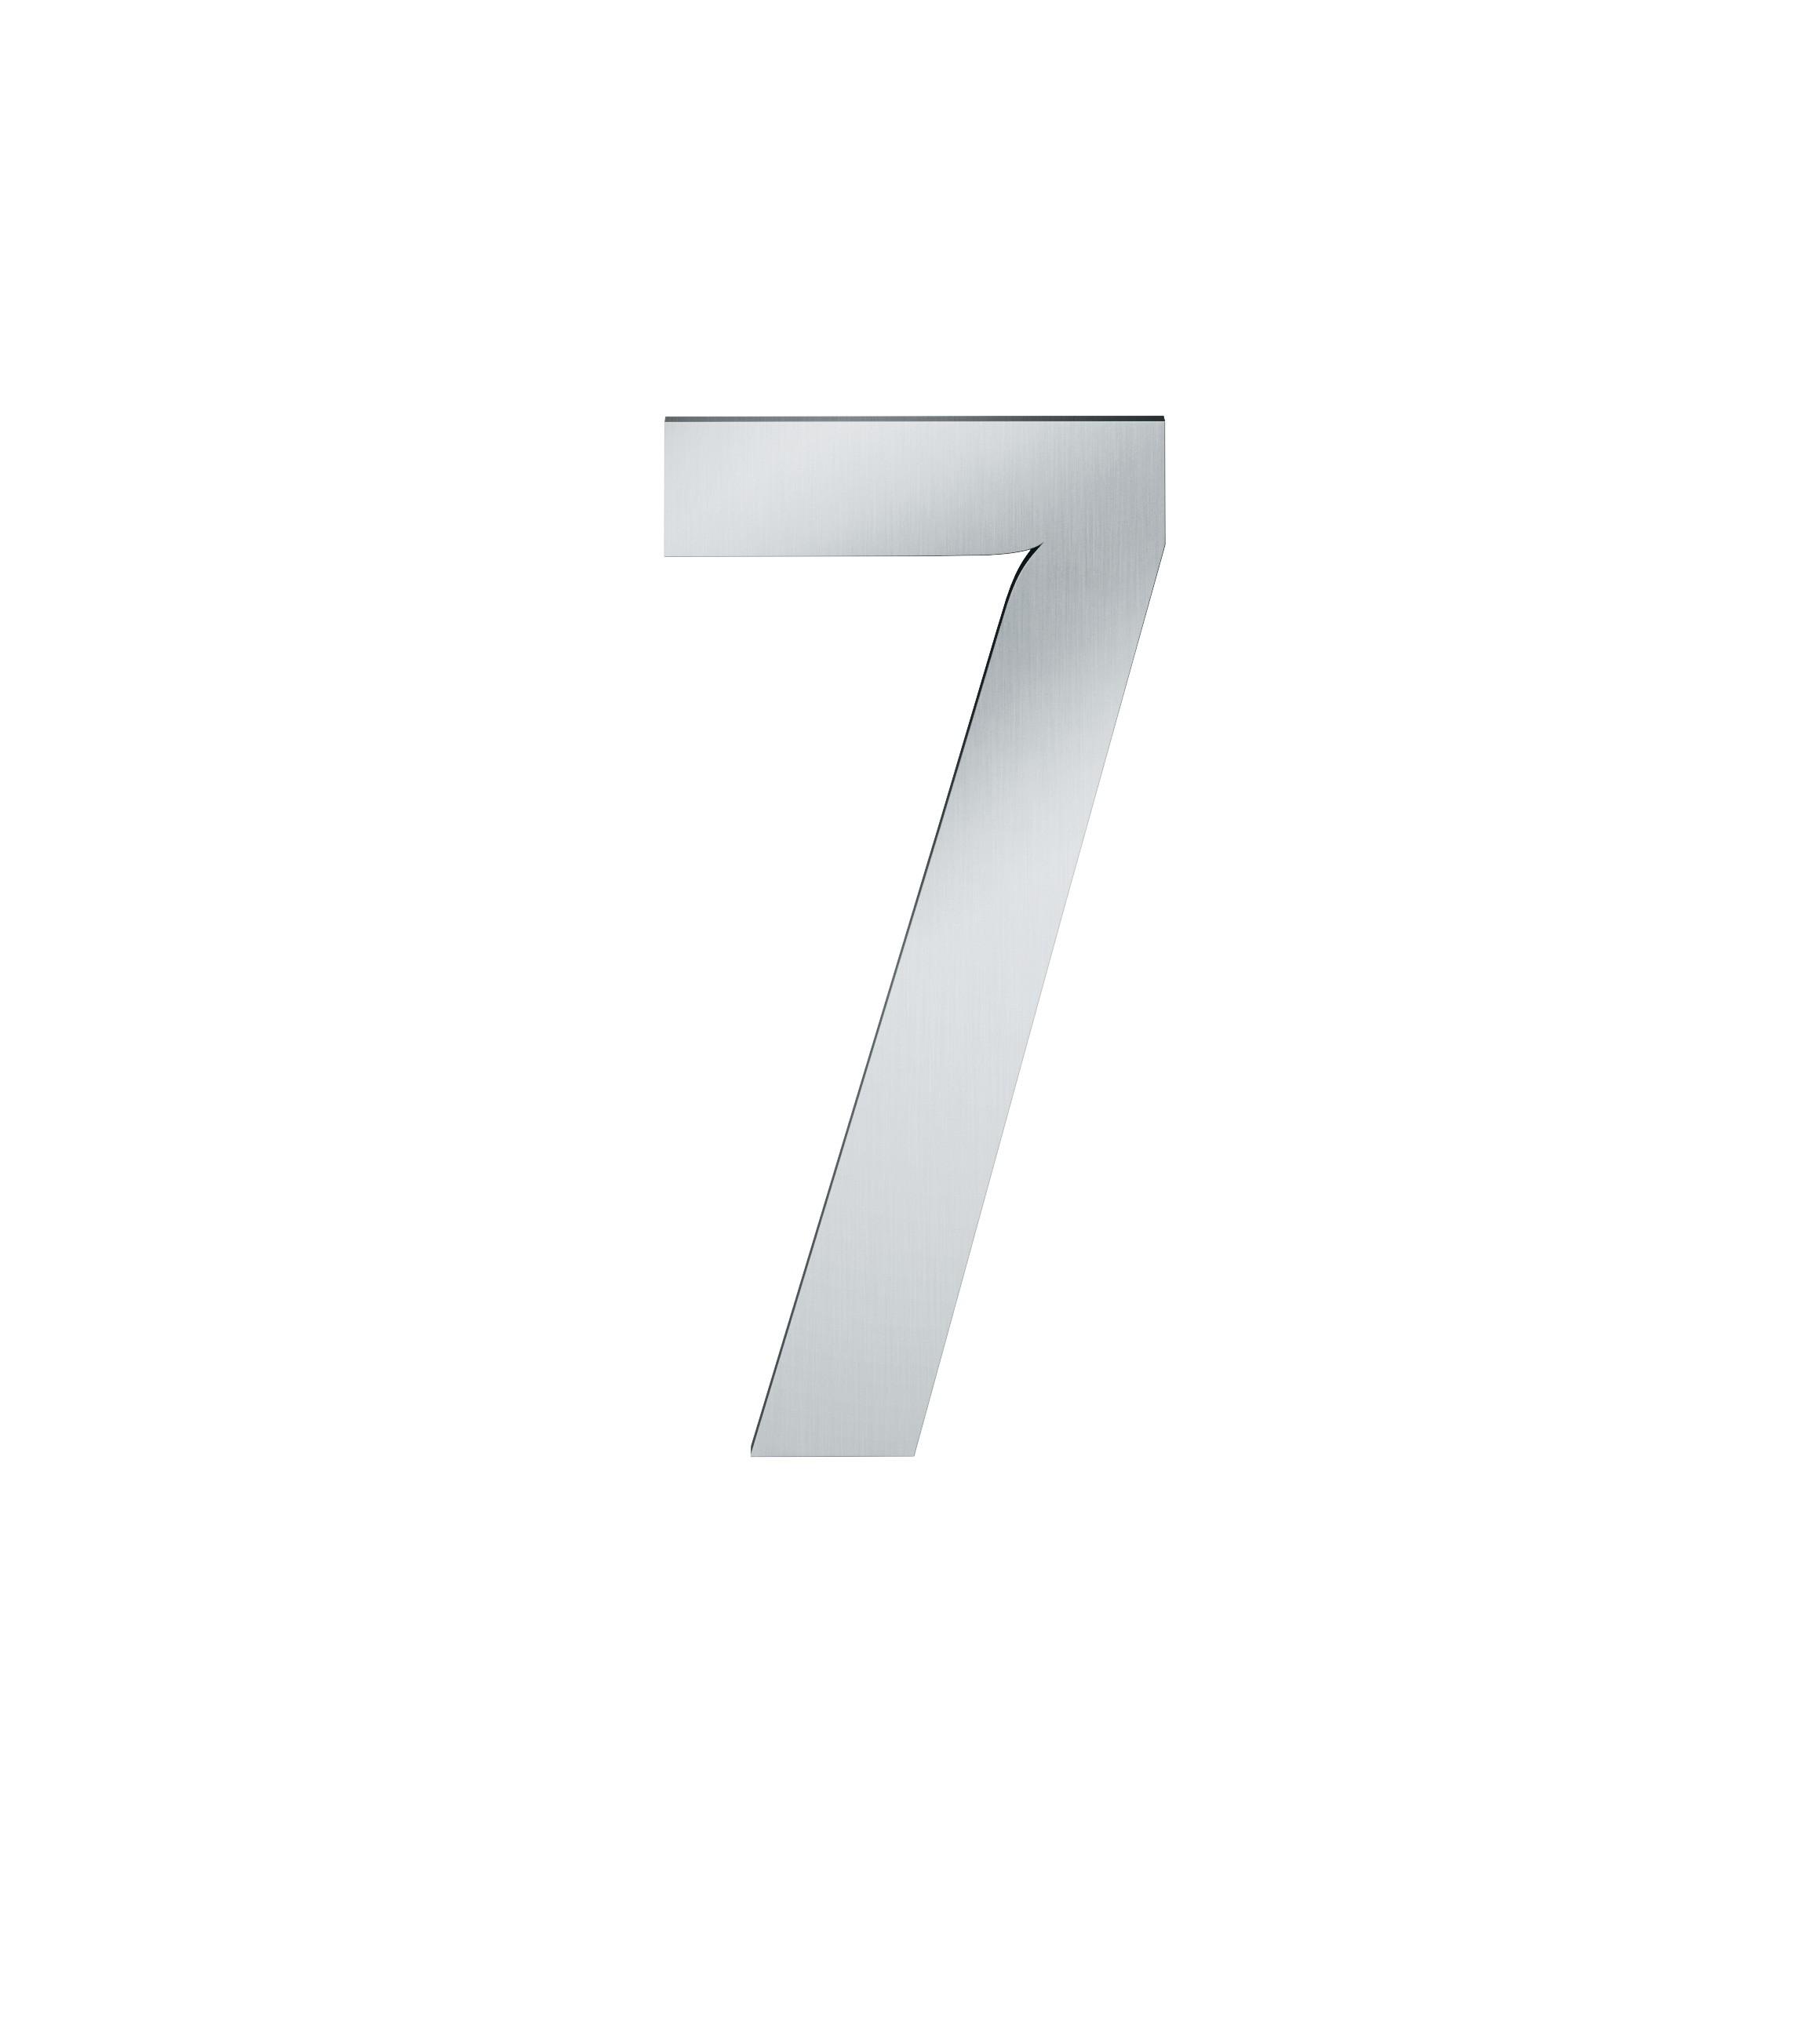 FSB Hausnummer Ziffer 7 Edelstahl (0 38 4005 00007 6204)